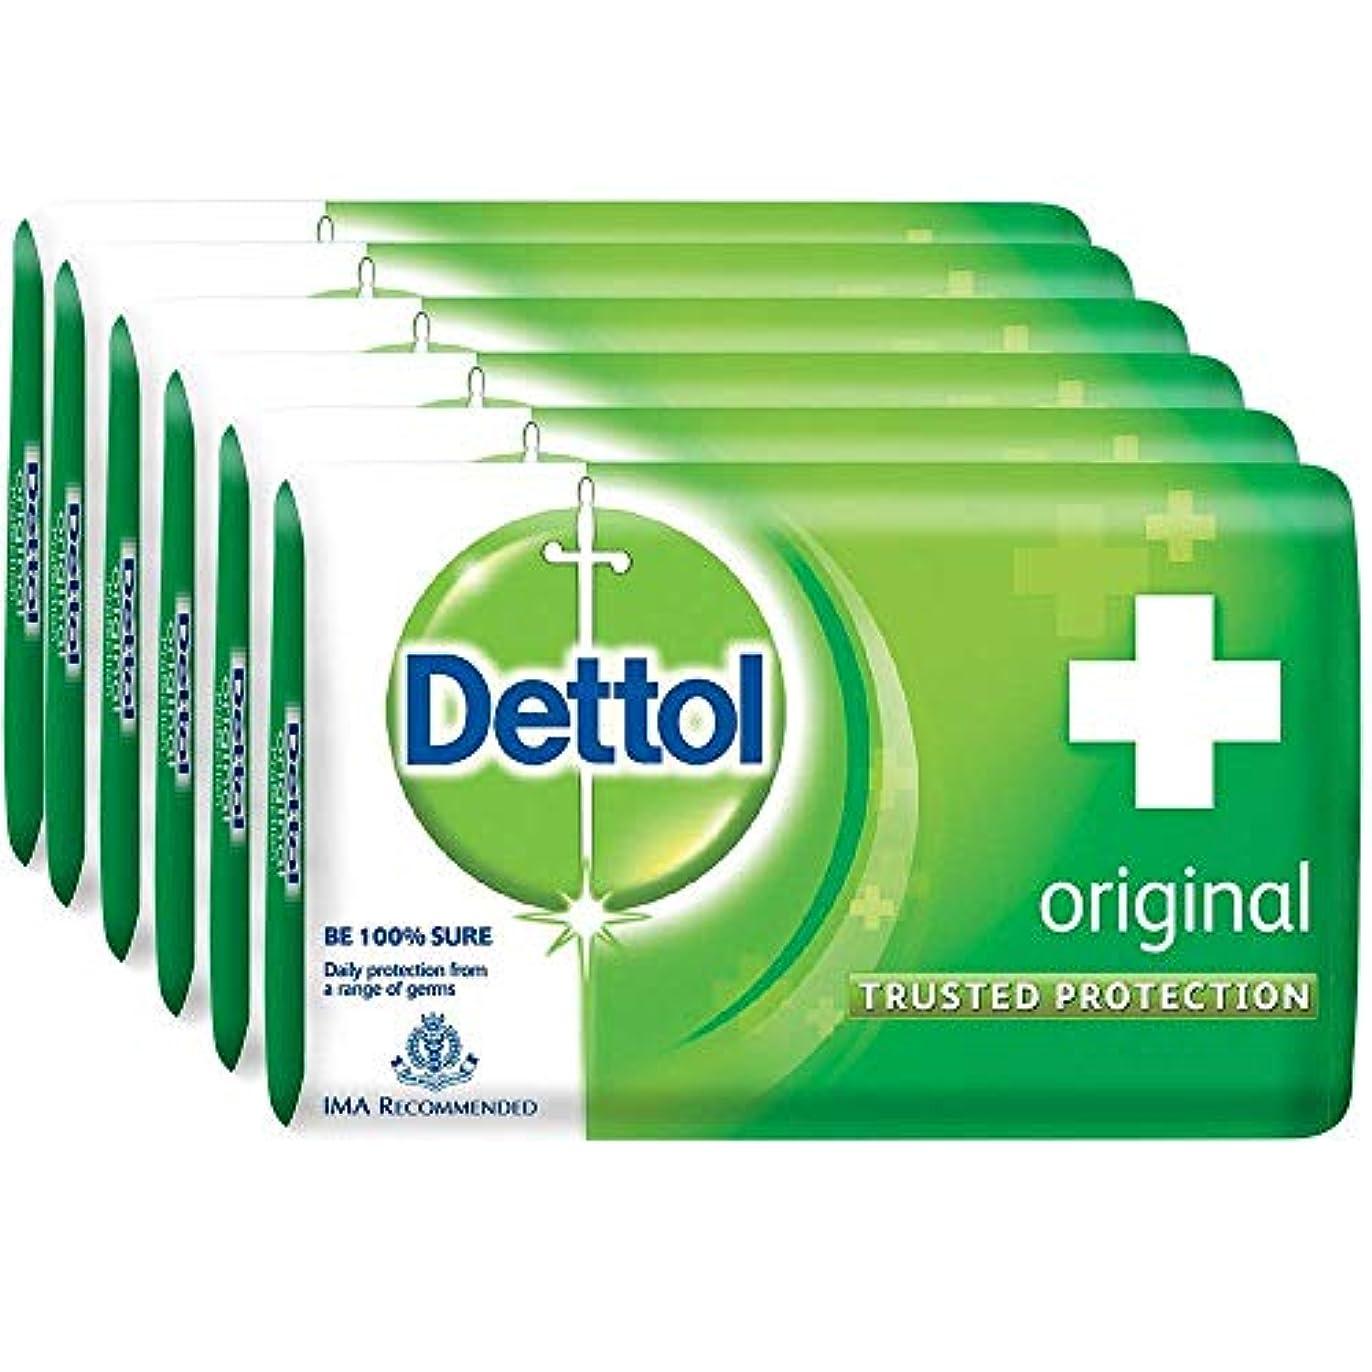 キャンディー日付付きねじれDettol Original Soap, 125g (Pack Of 6) SHIP FROM INDIA